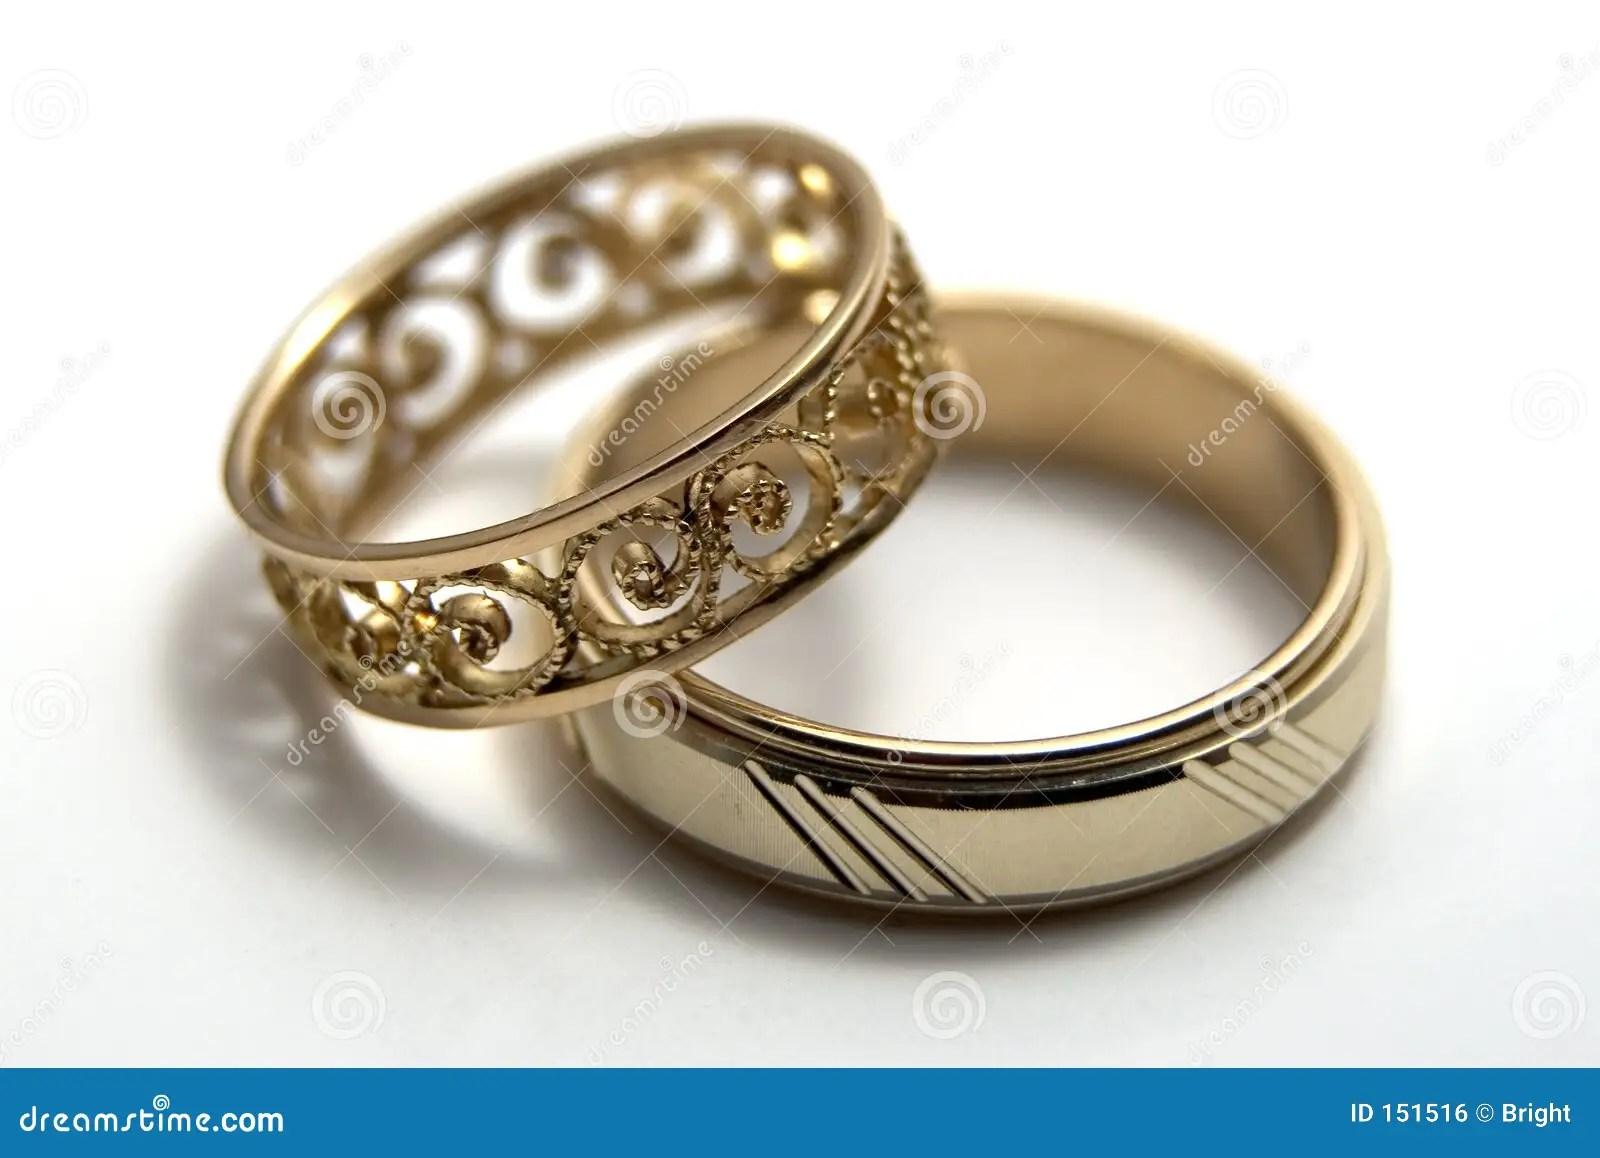 Wedding Rings Stock Photo Image Of Couple Handicraft